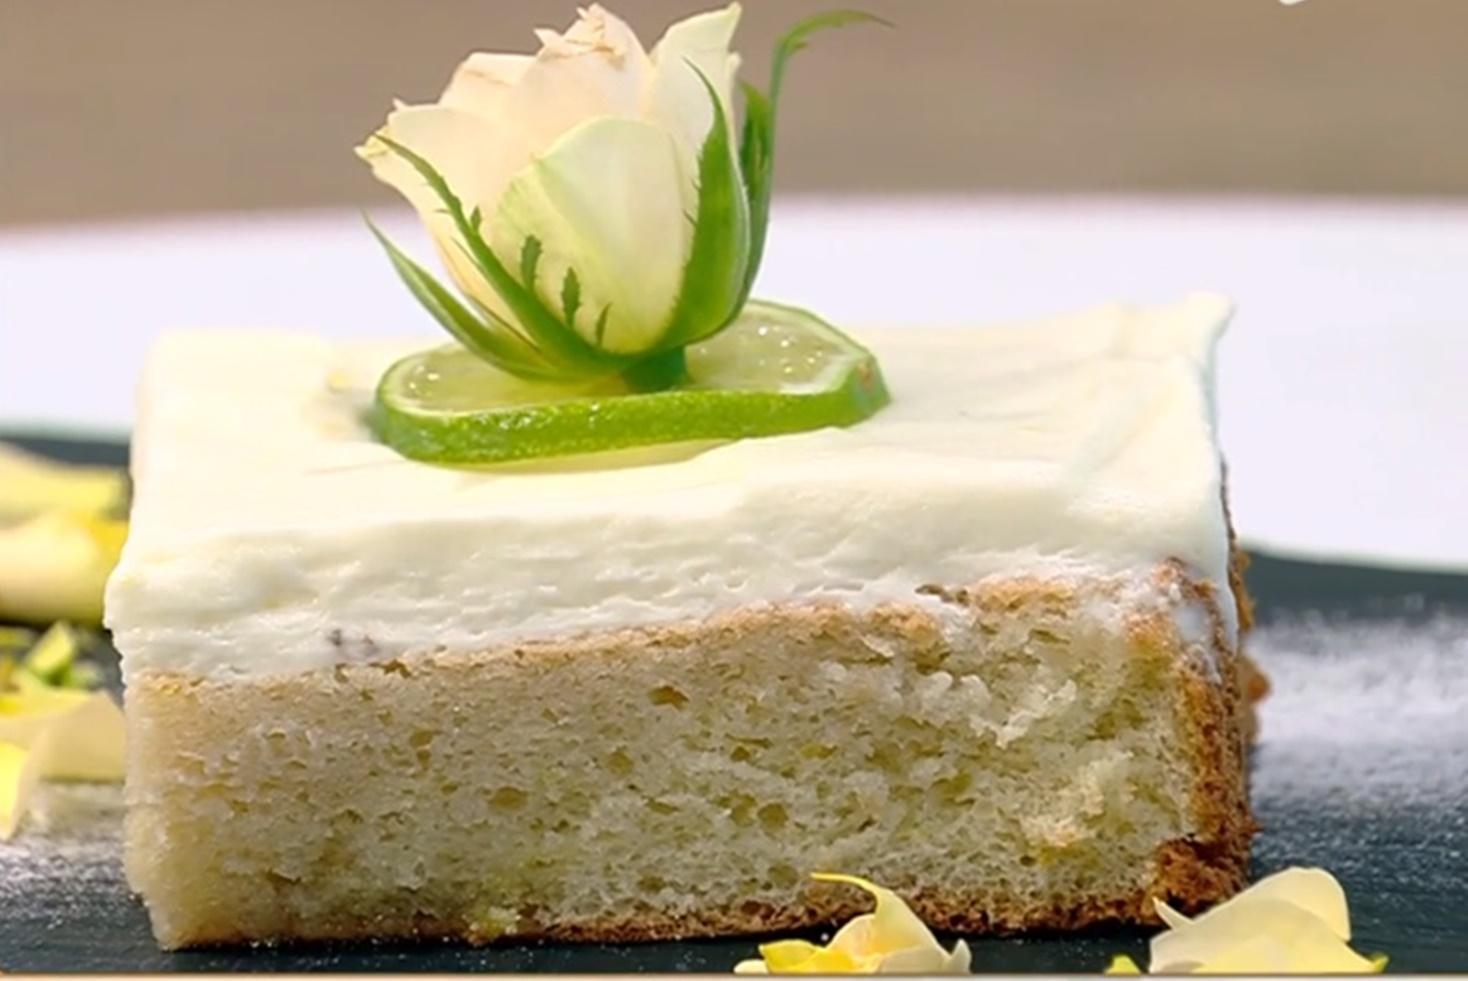 Prăjitura Teia. Rețetă de pandișpan cu aromă de tei și cremă de lămâie